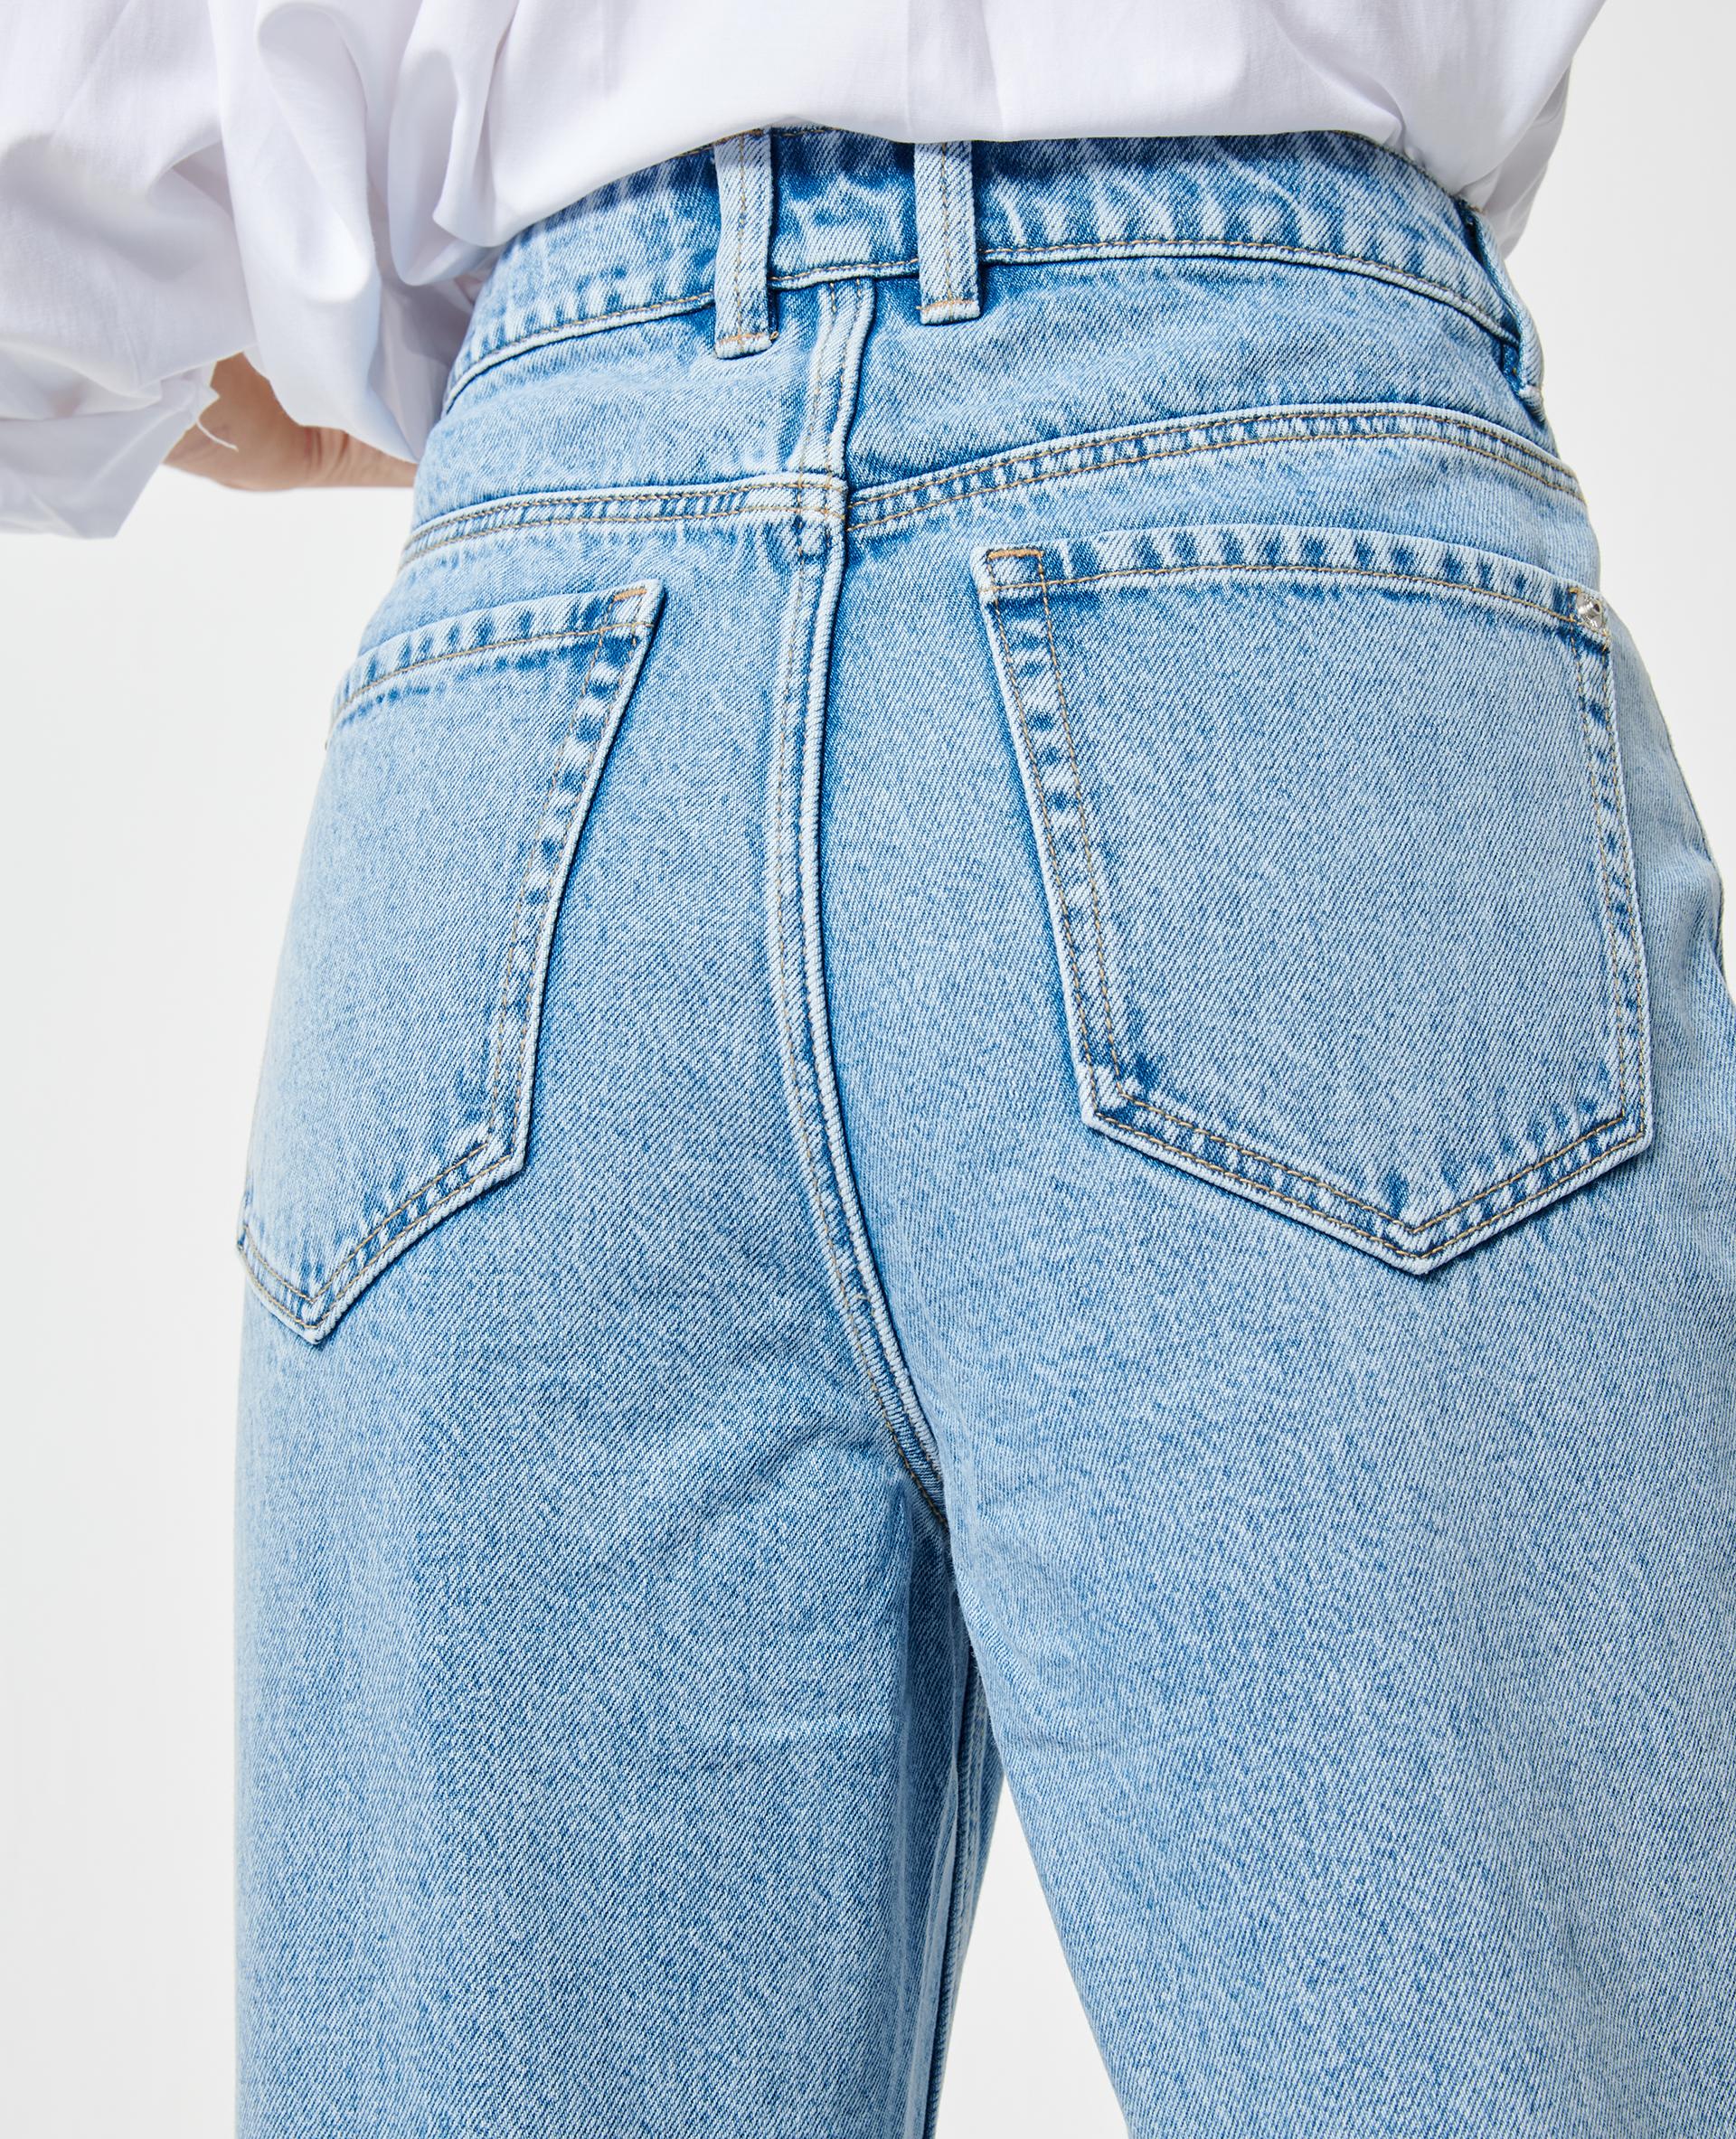 Jeans met hoge taille verwassen blauw - Pimkie